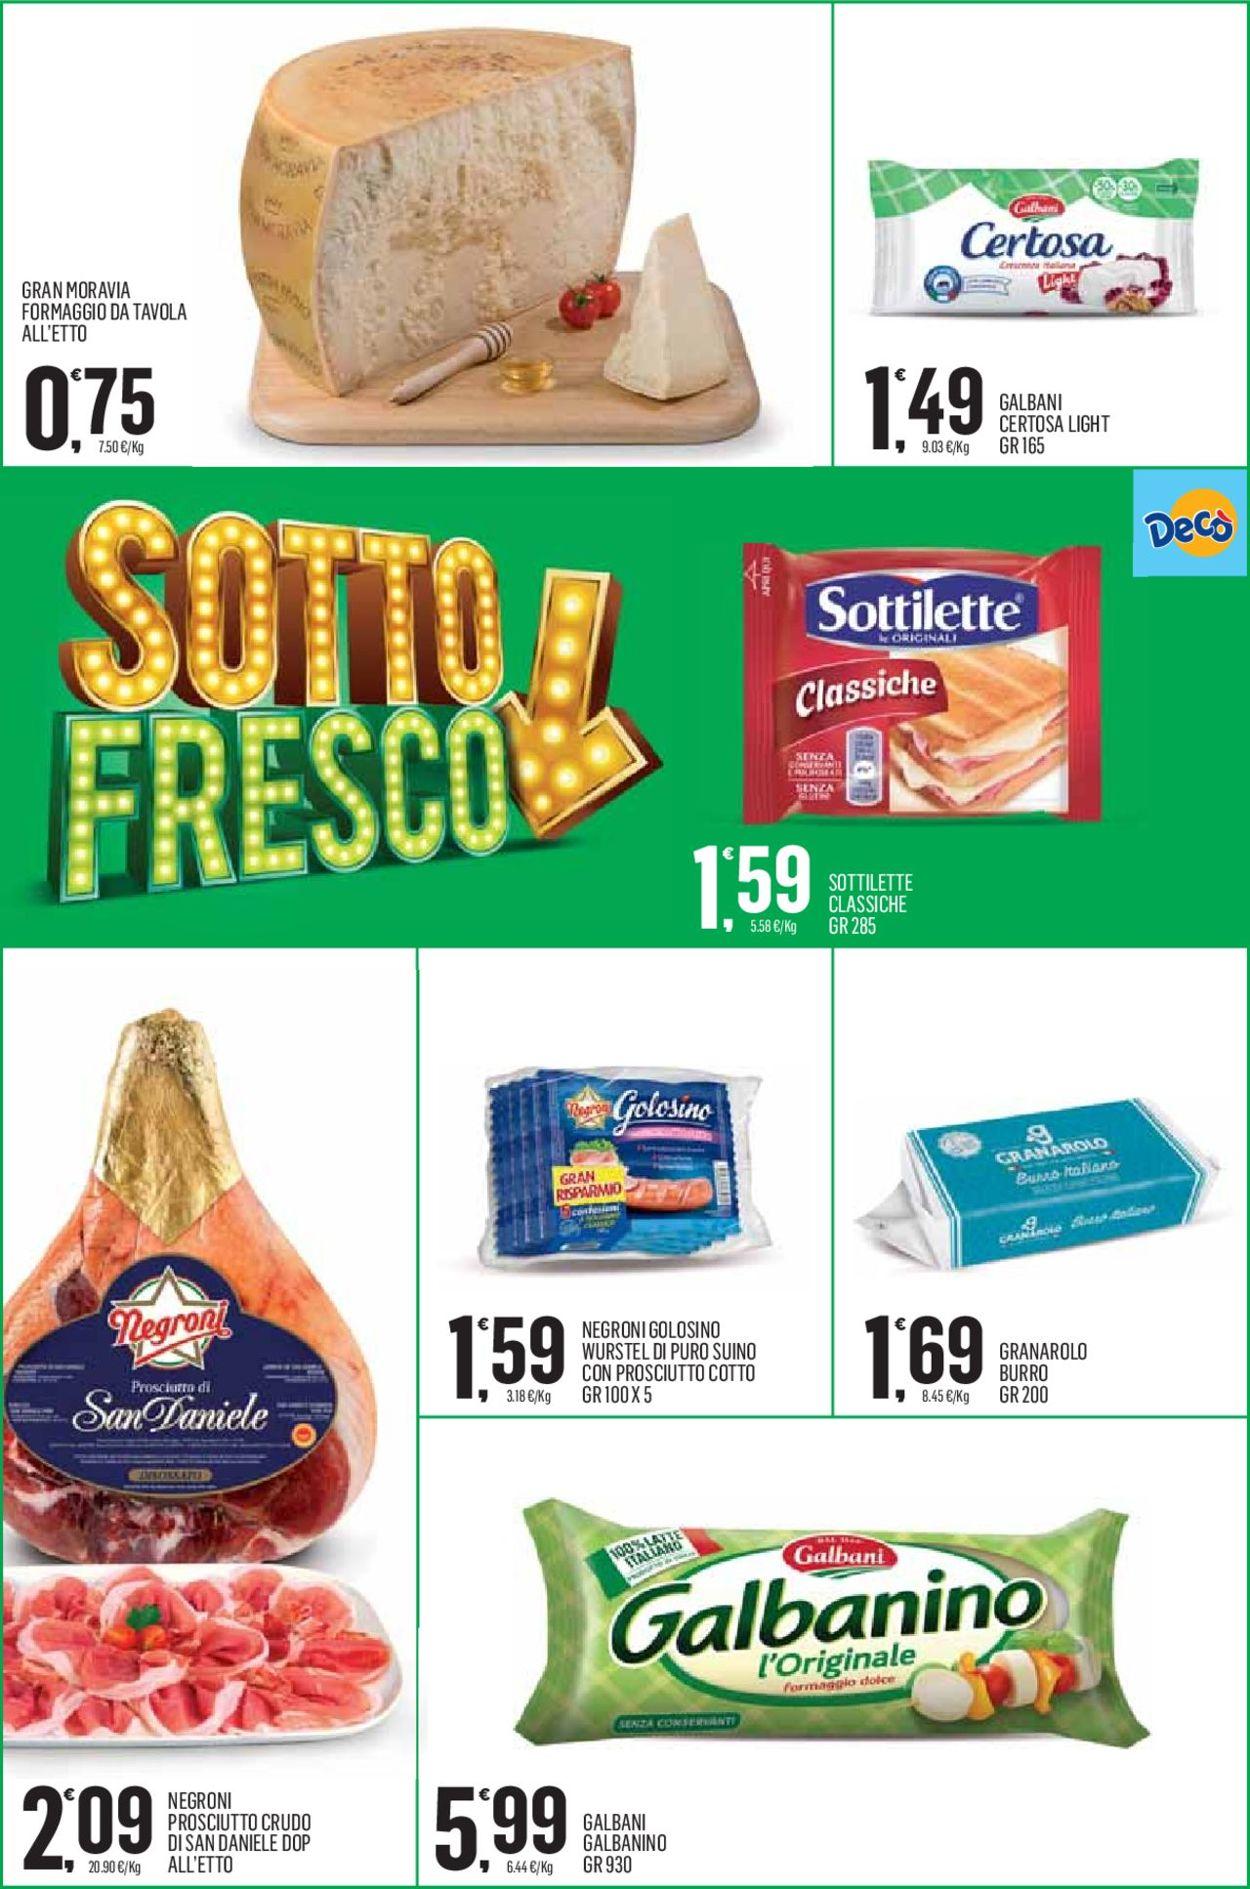 Volantino Deco - Offerte 04/06-13/06/2019 (Pagina 4)